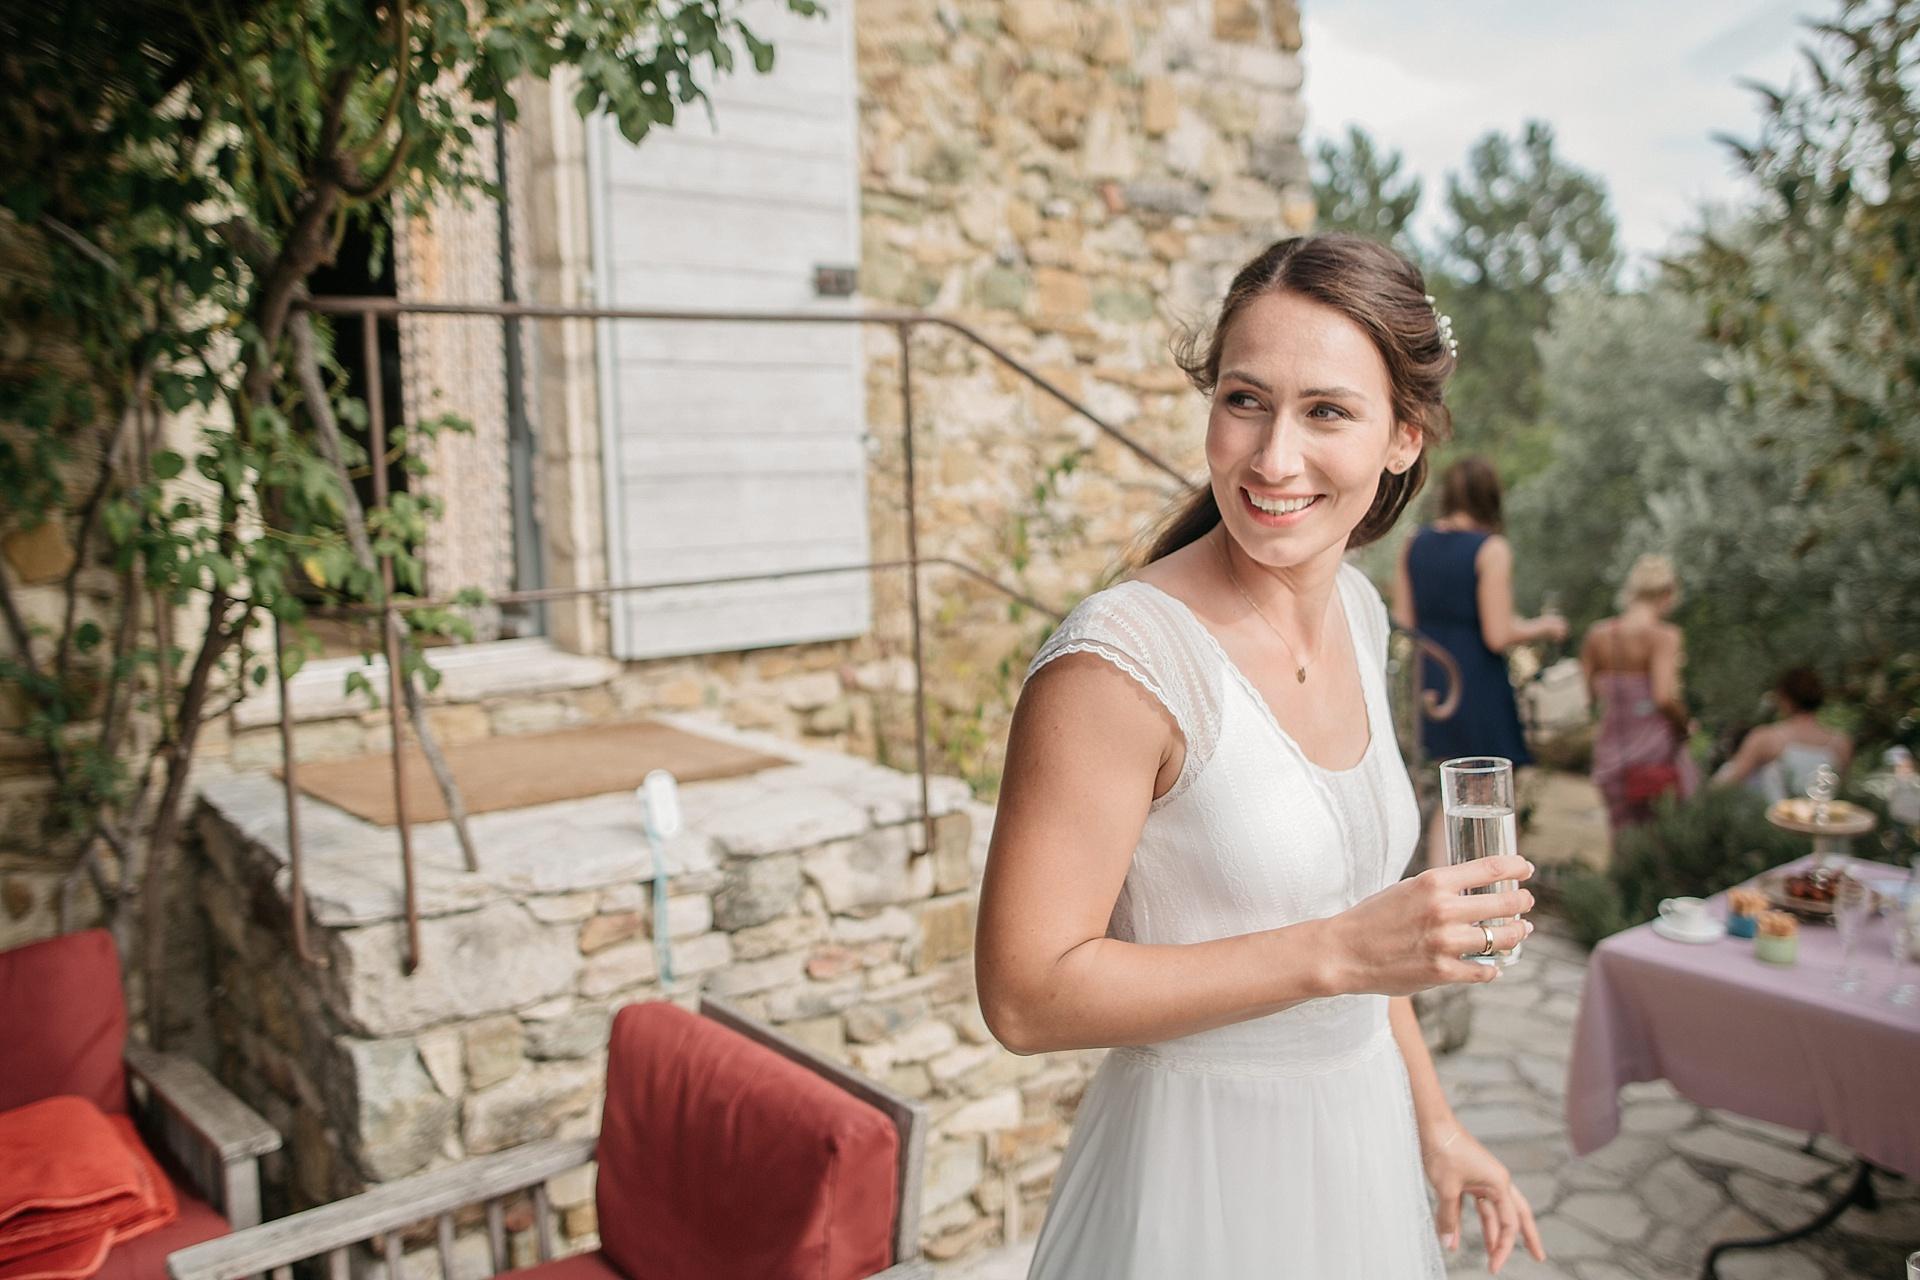 Traumhafte Hochzeit in der Provence. Die strahlende Braut.